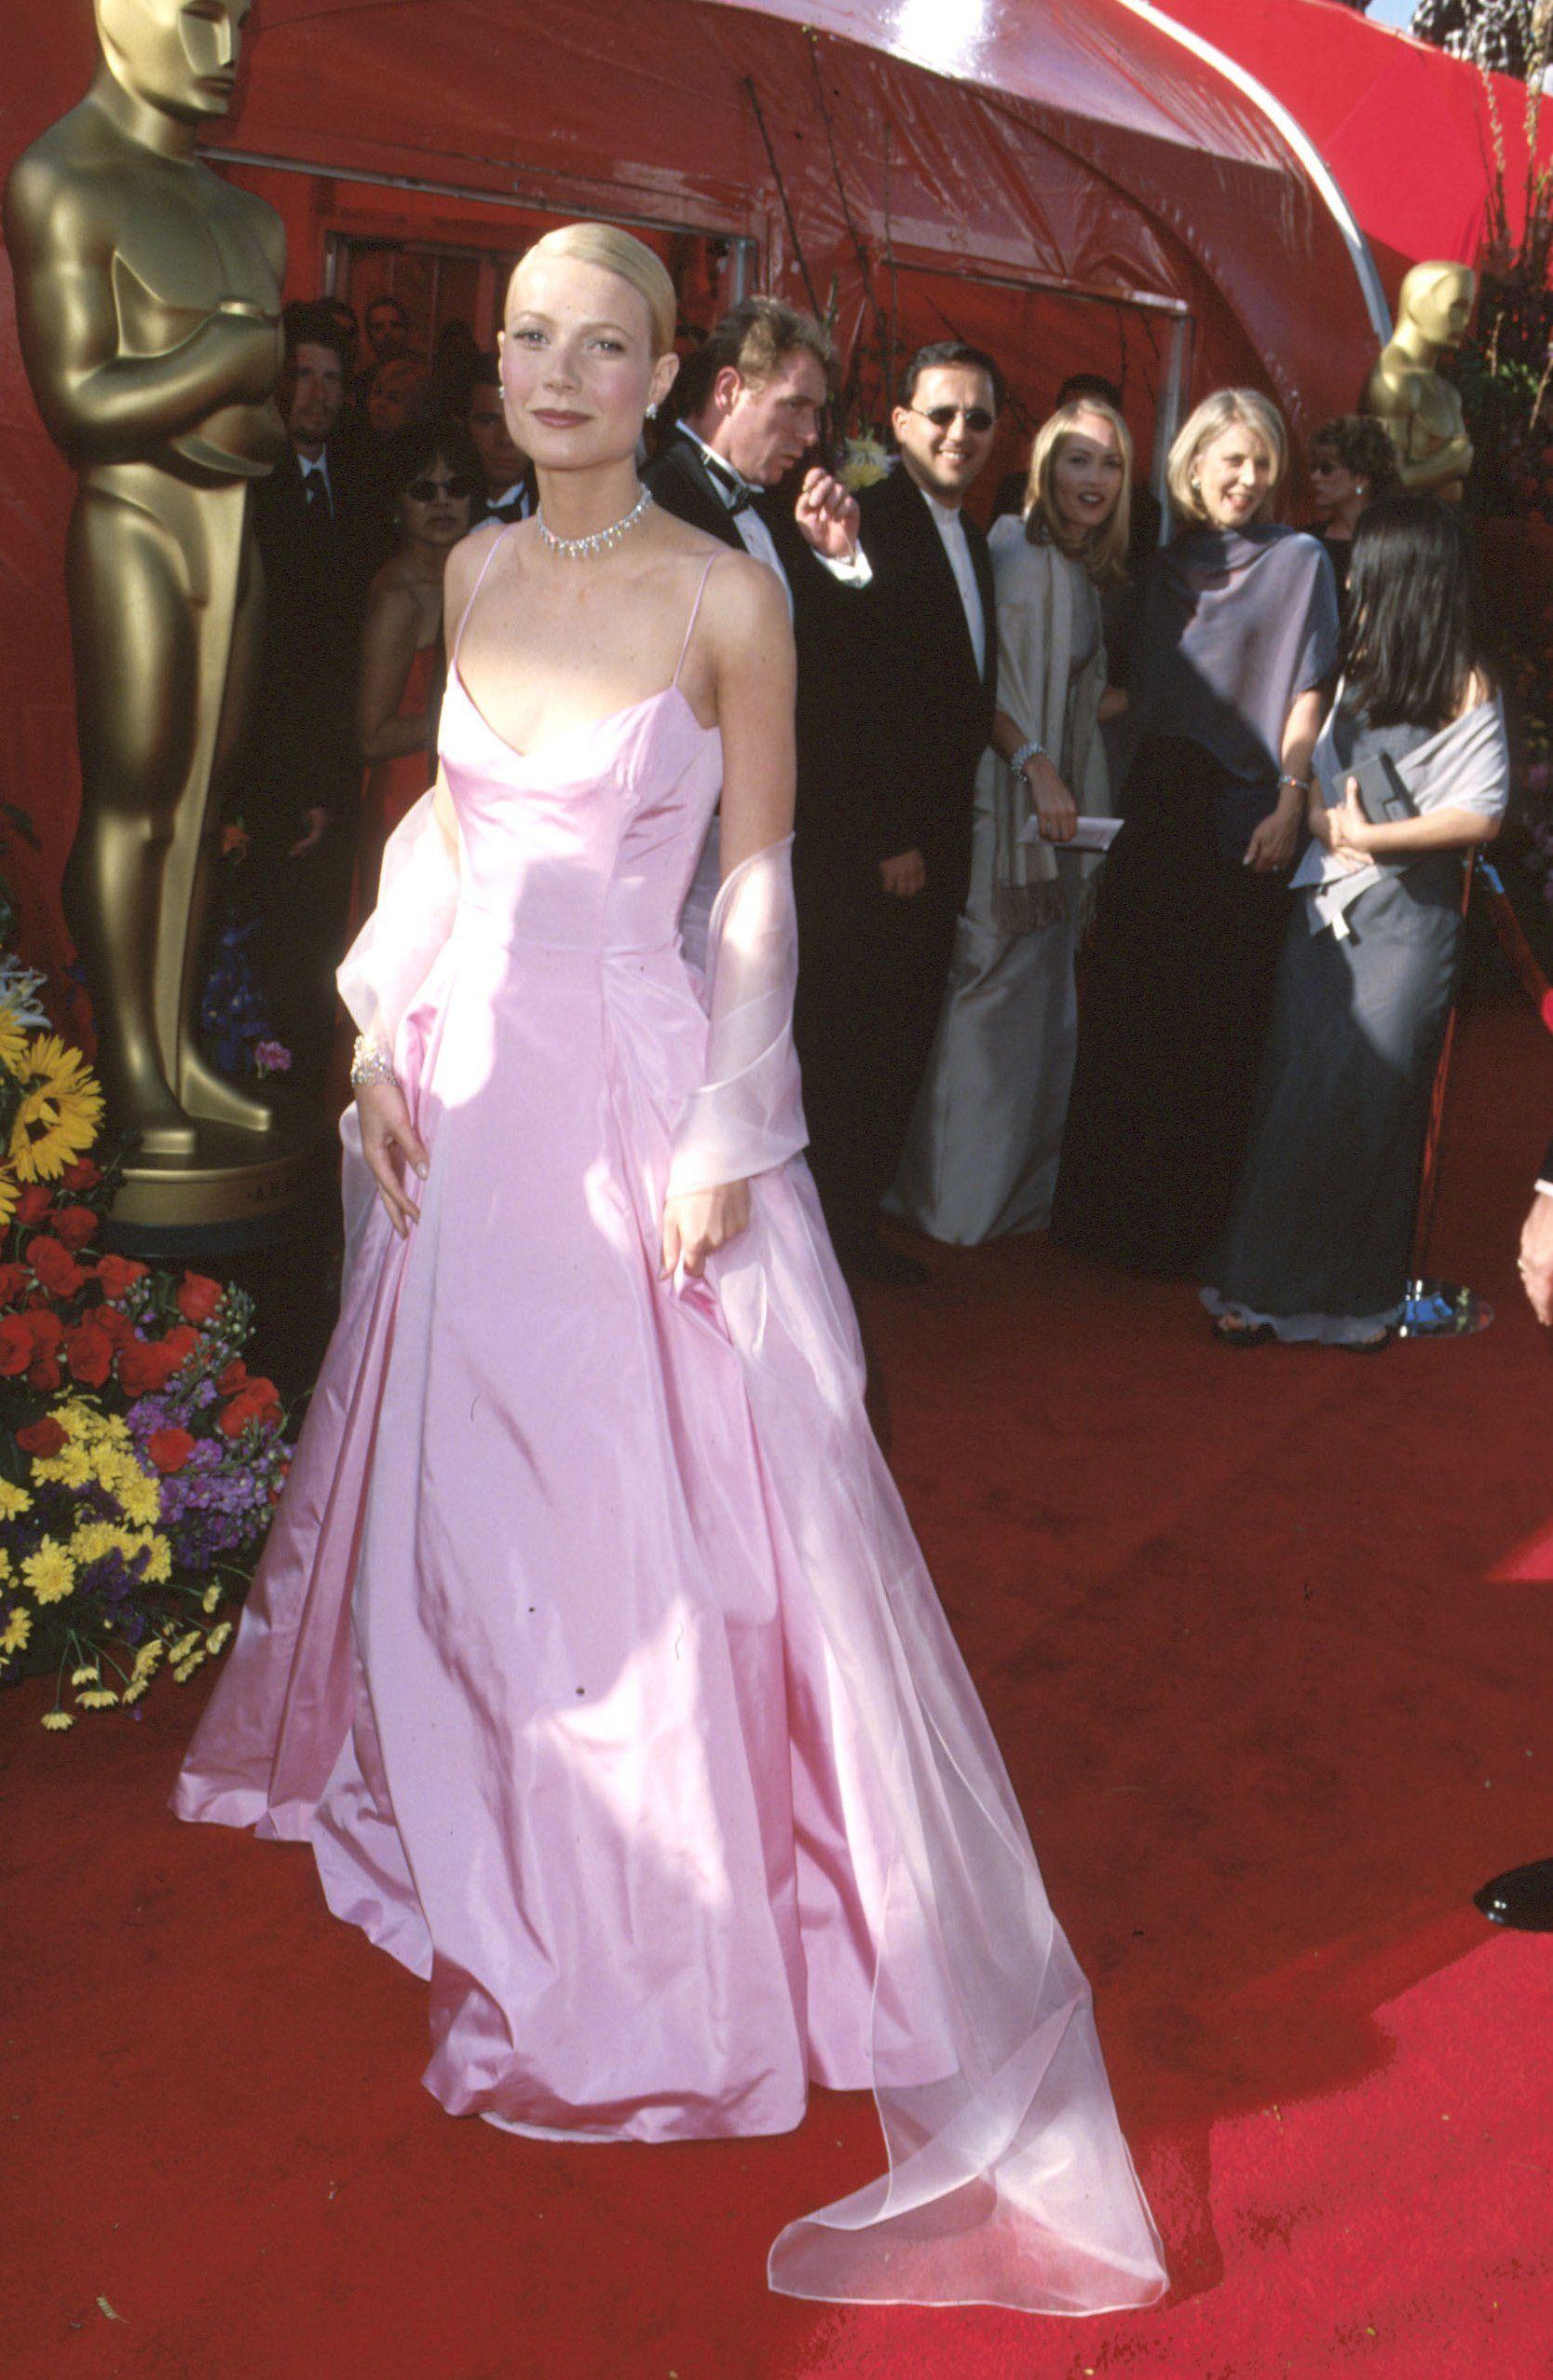 The Best Red Carpet Moments Of The 90s Elizabeth Hurley Gwyneth Paltrow And Madonna Academy Award Dress Oscar Fashion Gwyneth Paltrow